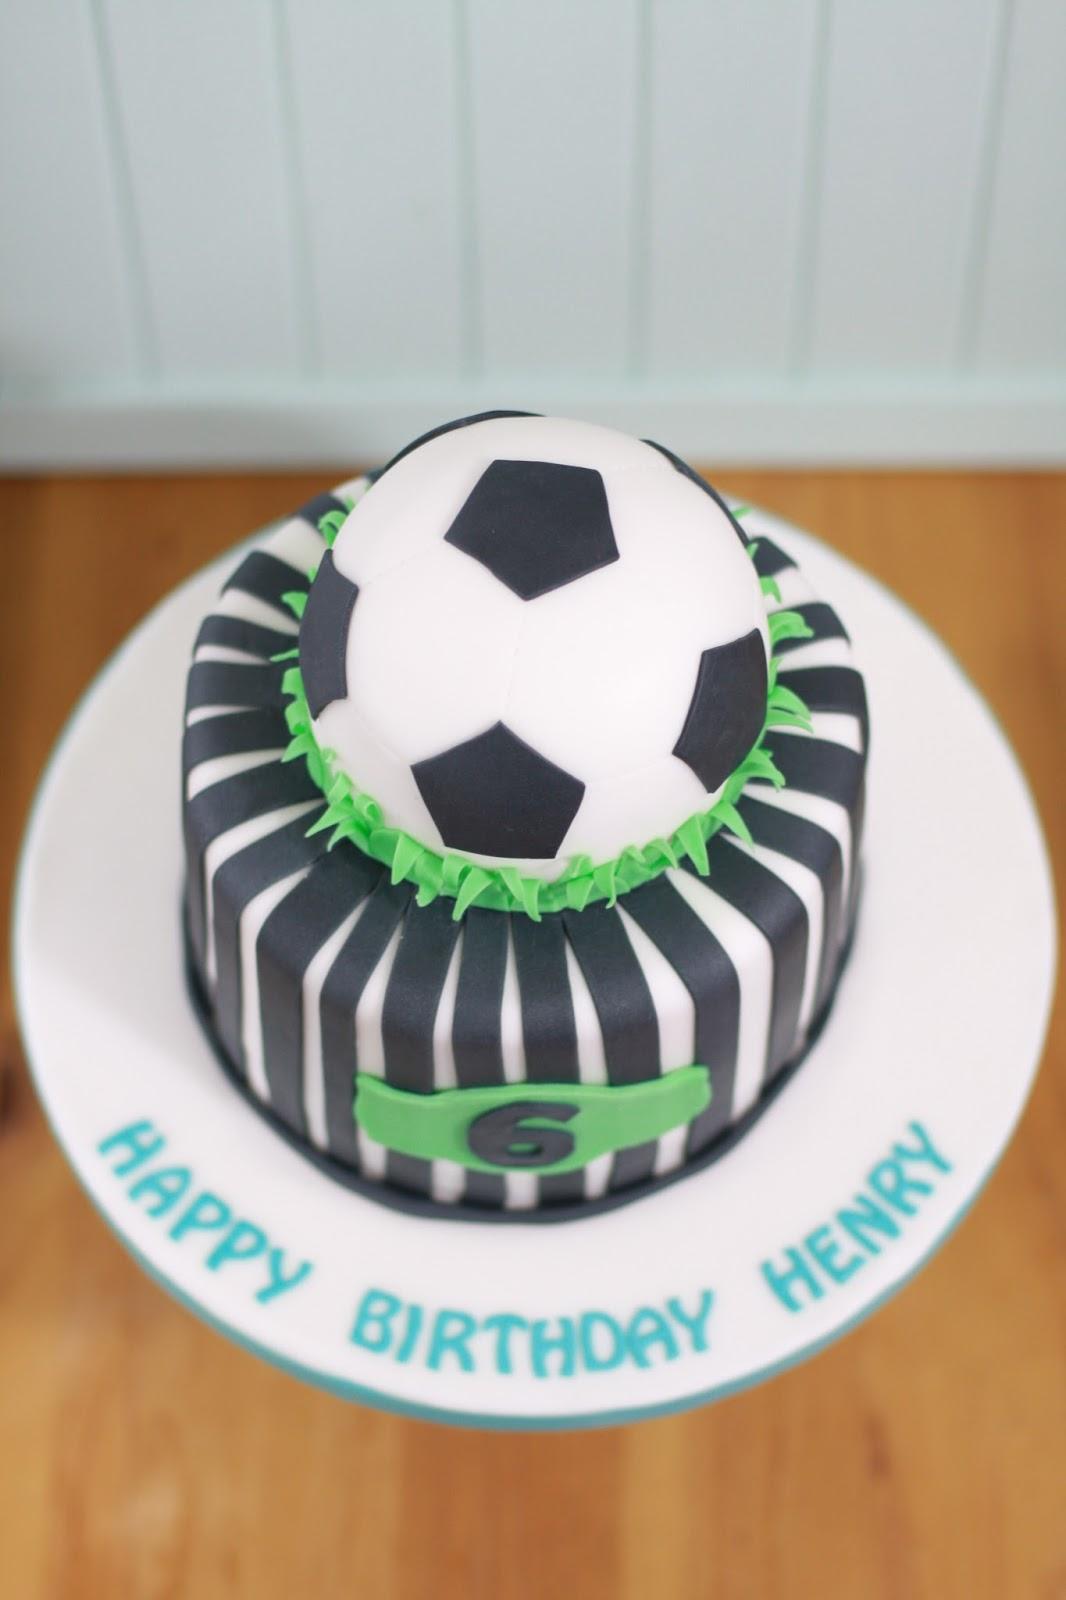 Fussball Geburtstag Spiele Spiele Fur Den Fussball Geburtstag Ideen